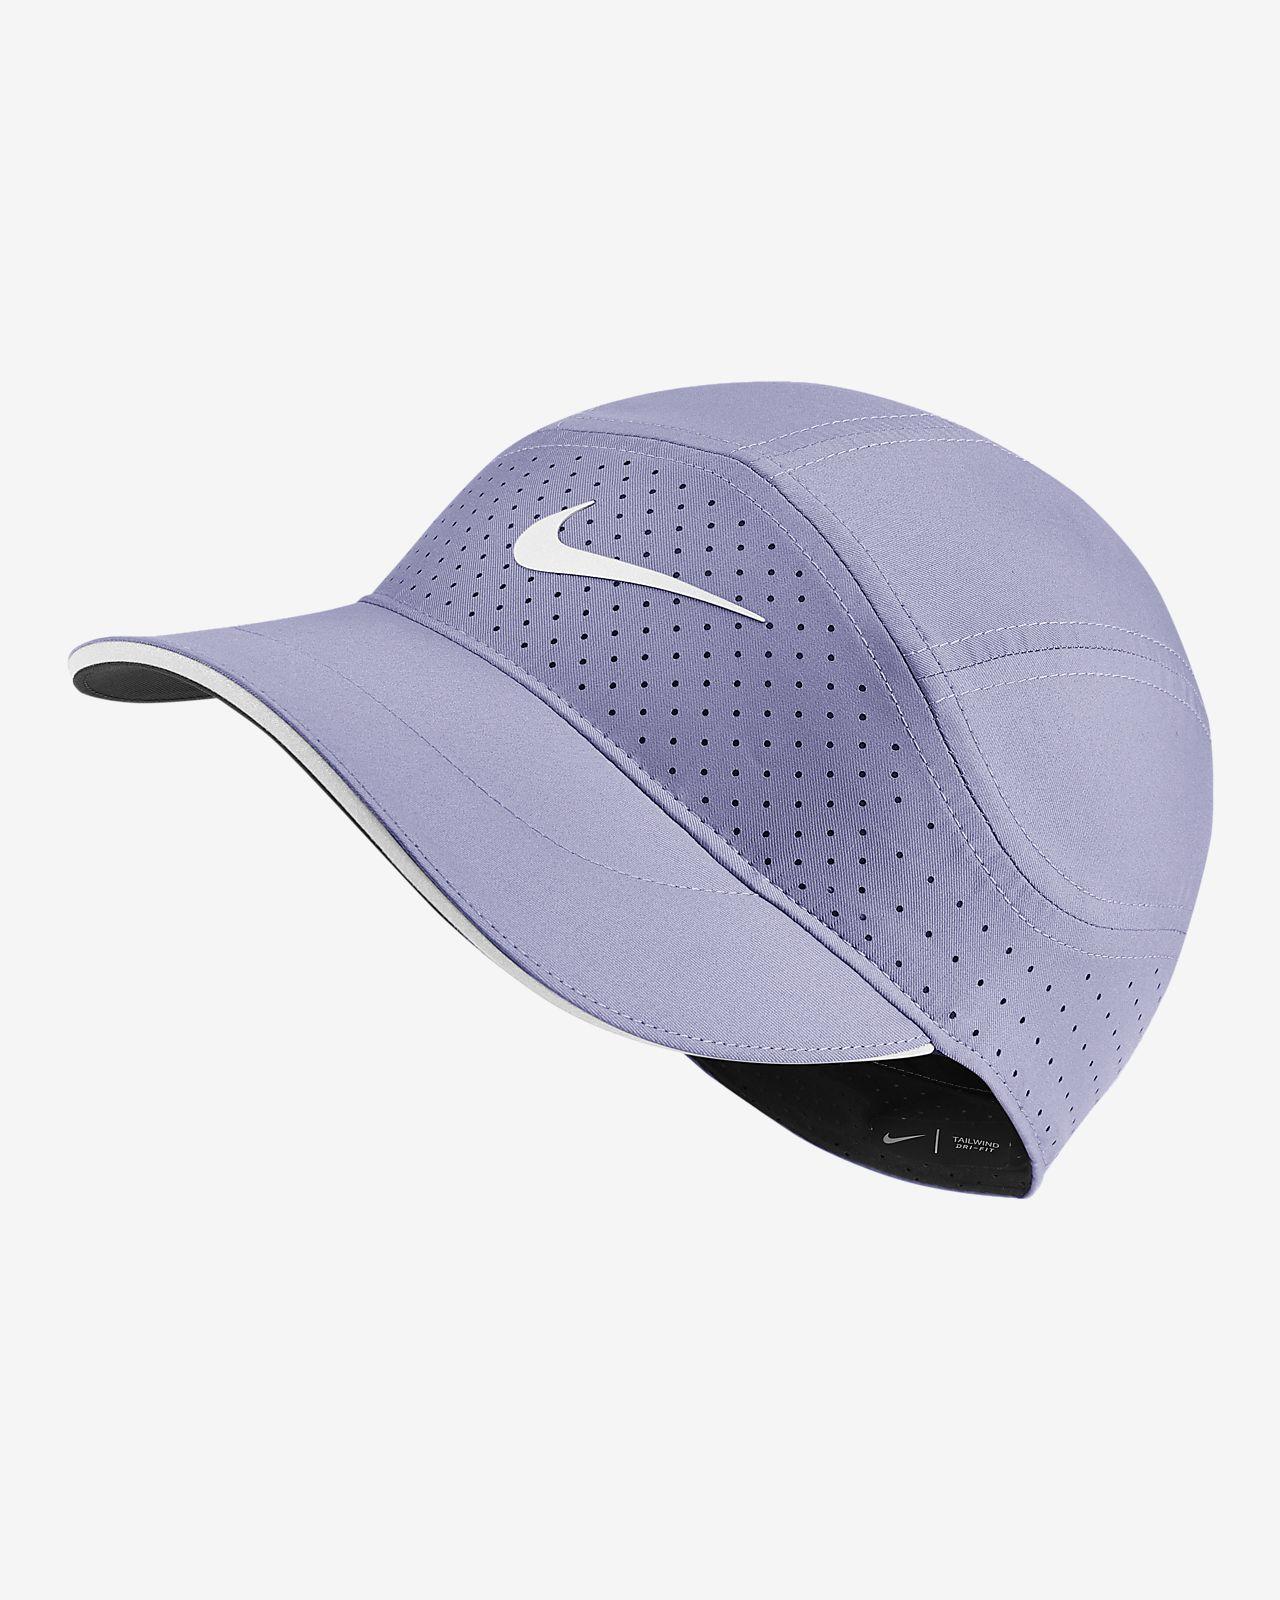 ac9ef4d2 Nike AeroBill Legacy91 Women's Golf Hat. Nike.com